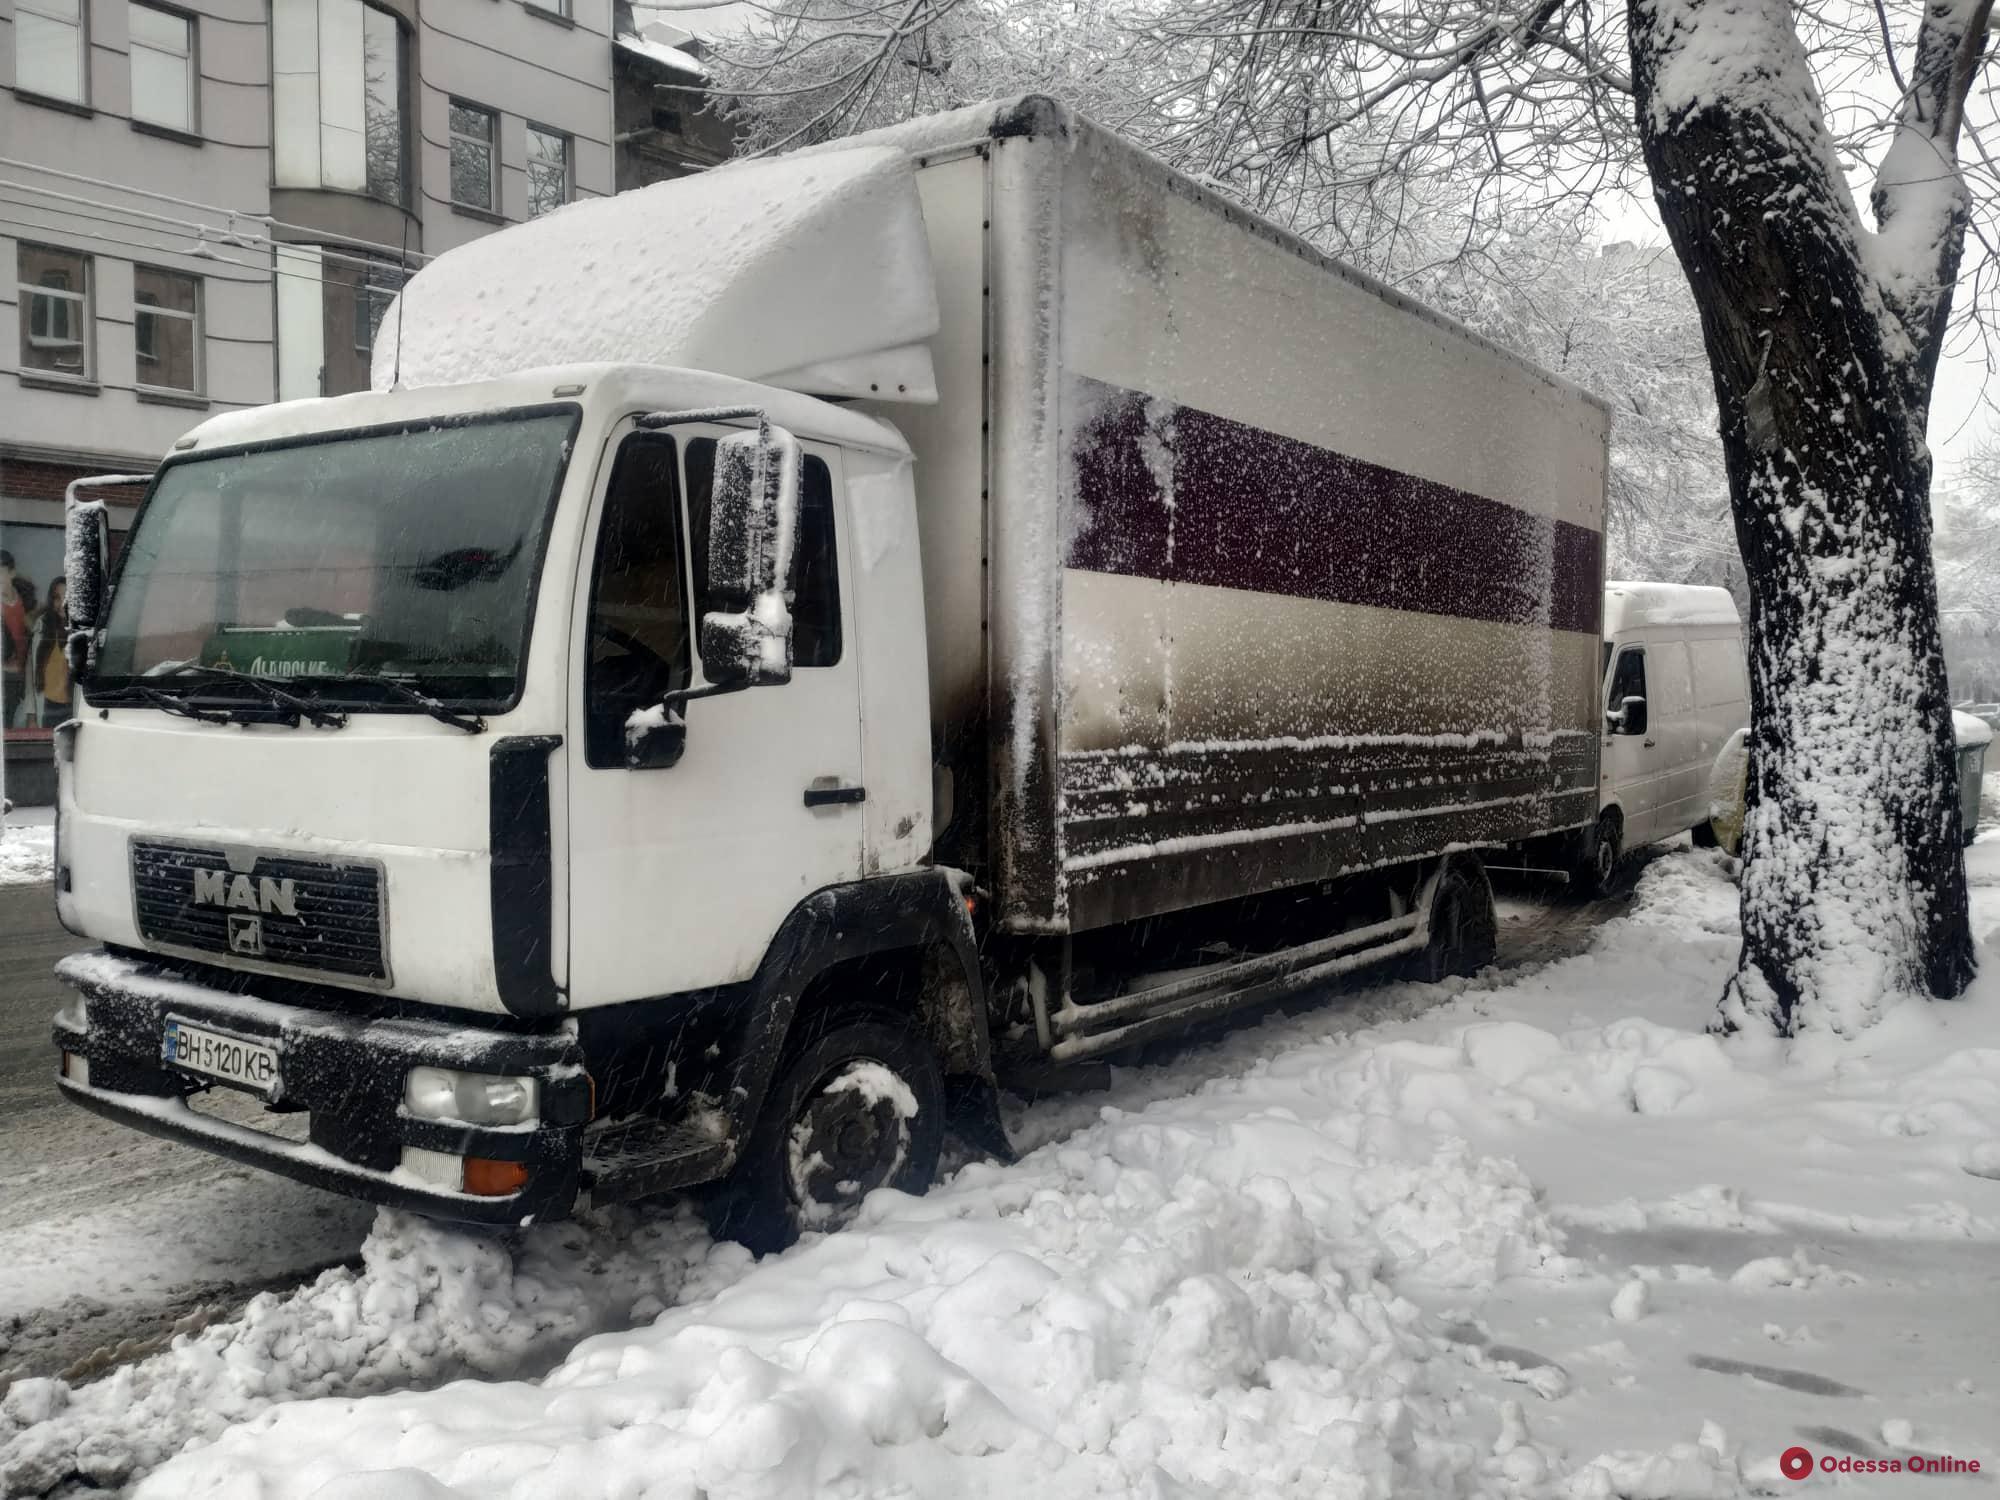 Из-за сильного снегопада в Одессу ограничили въезд фур и грузовиков